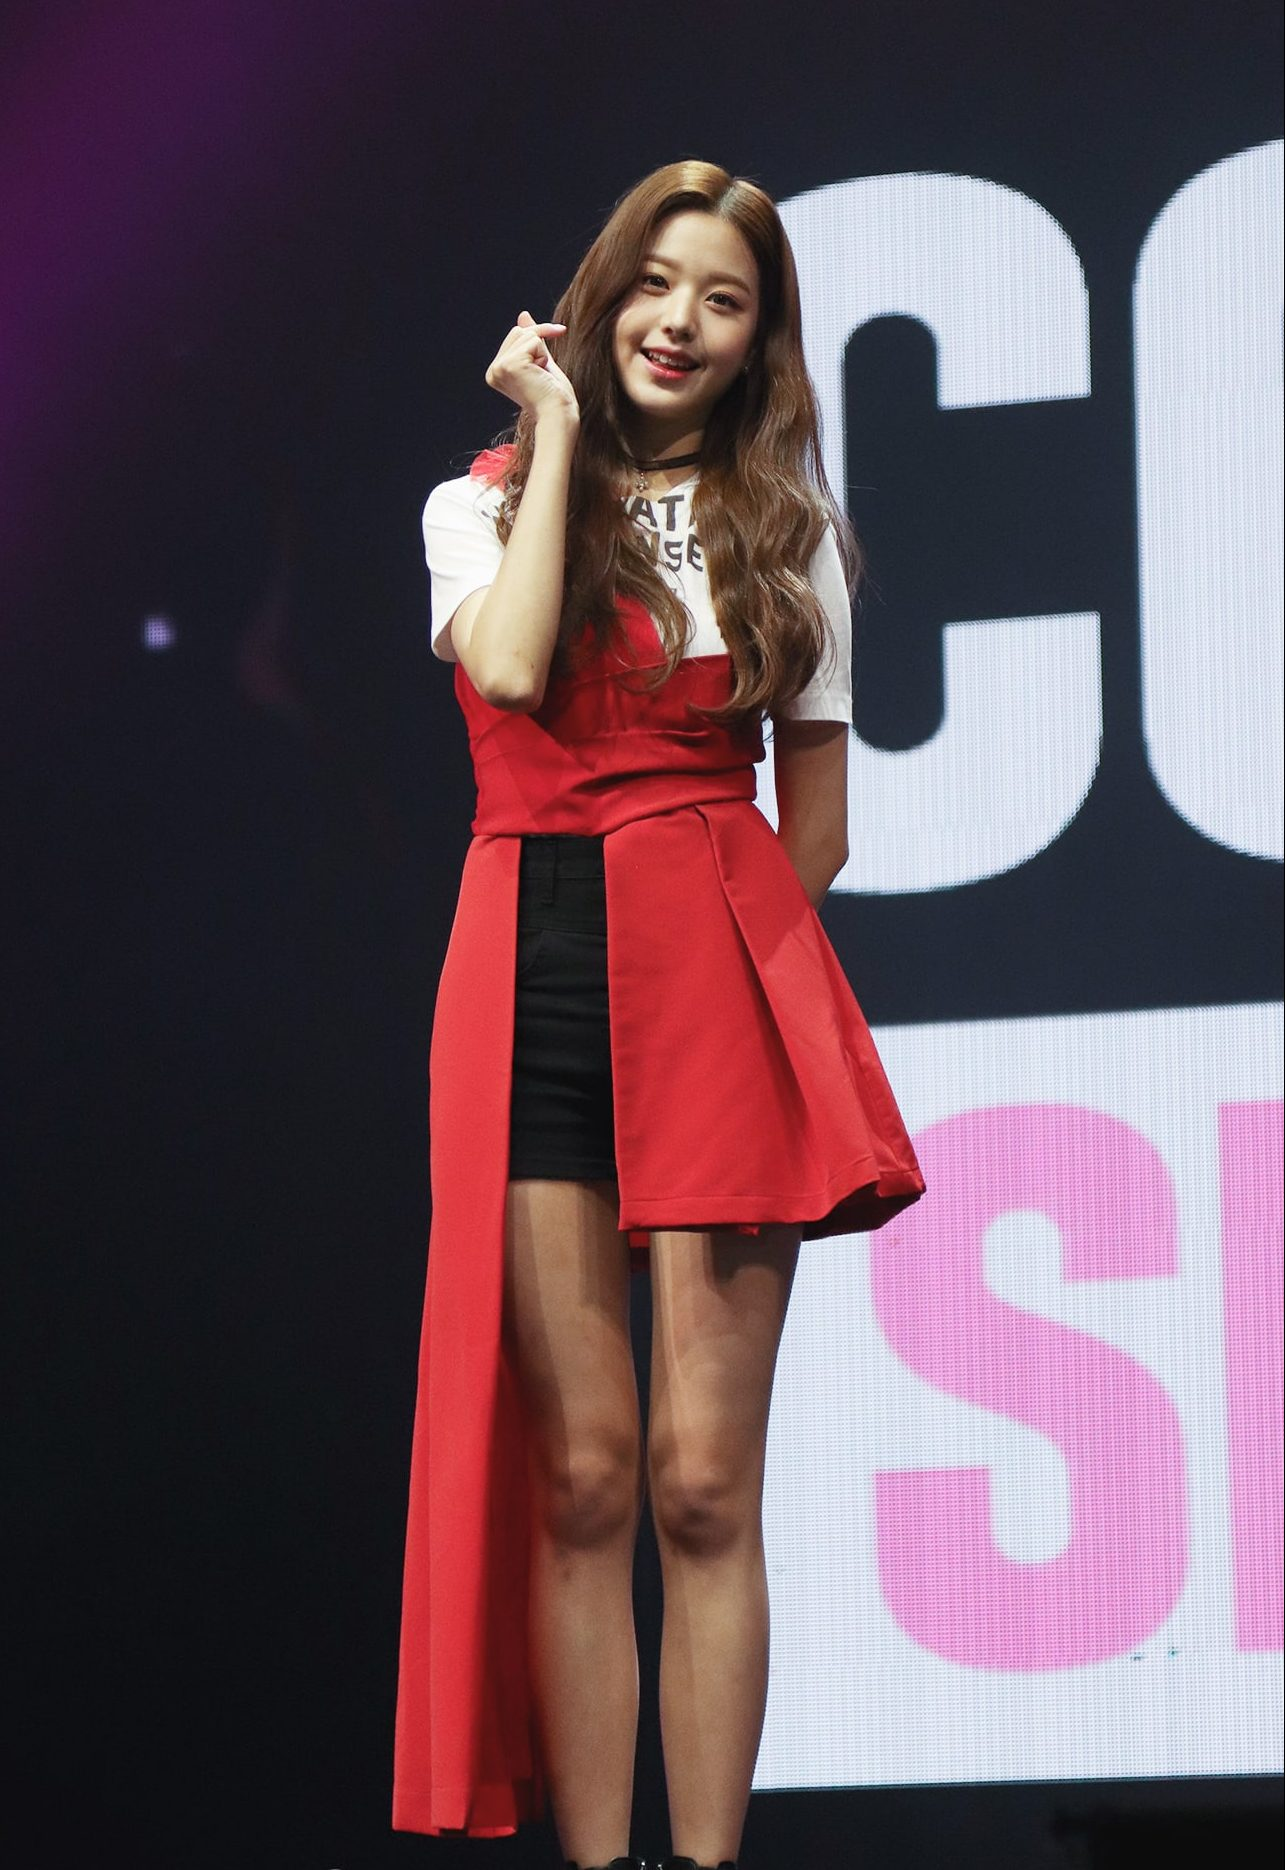 jang-won-young2